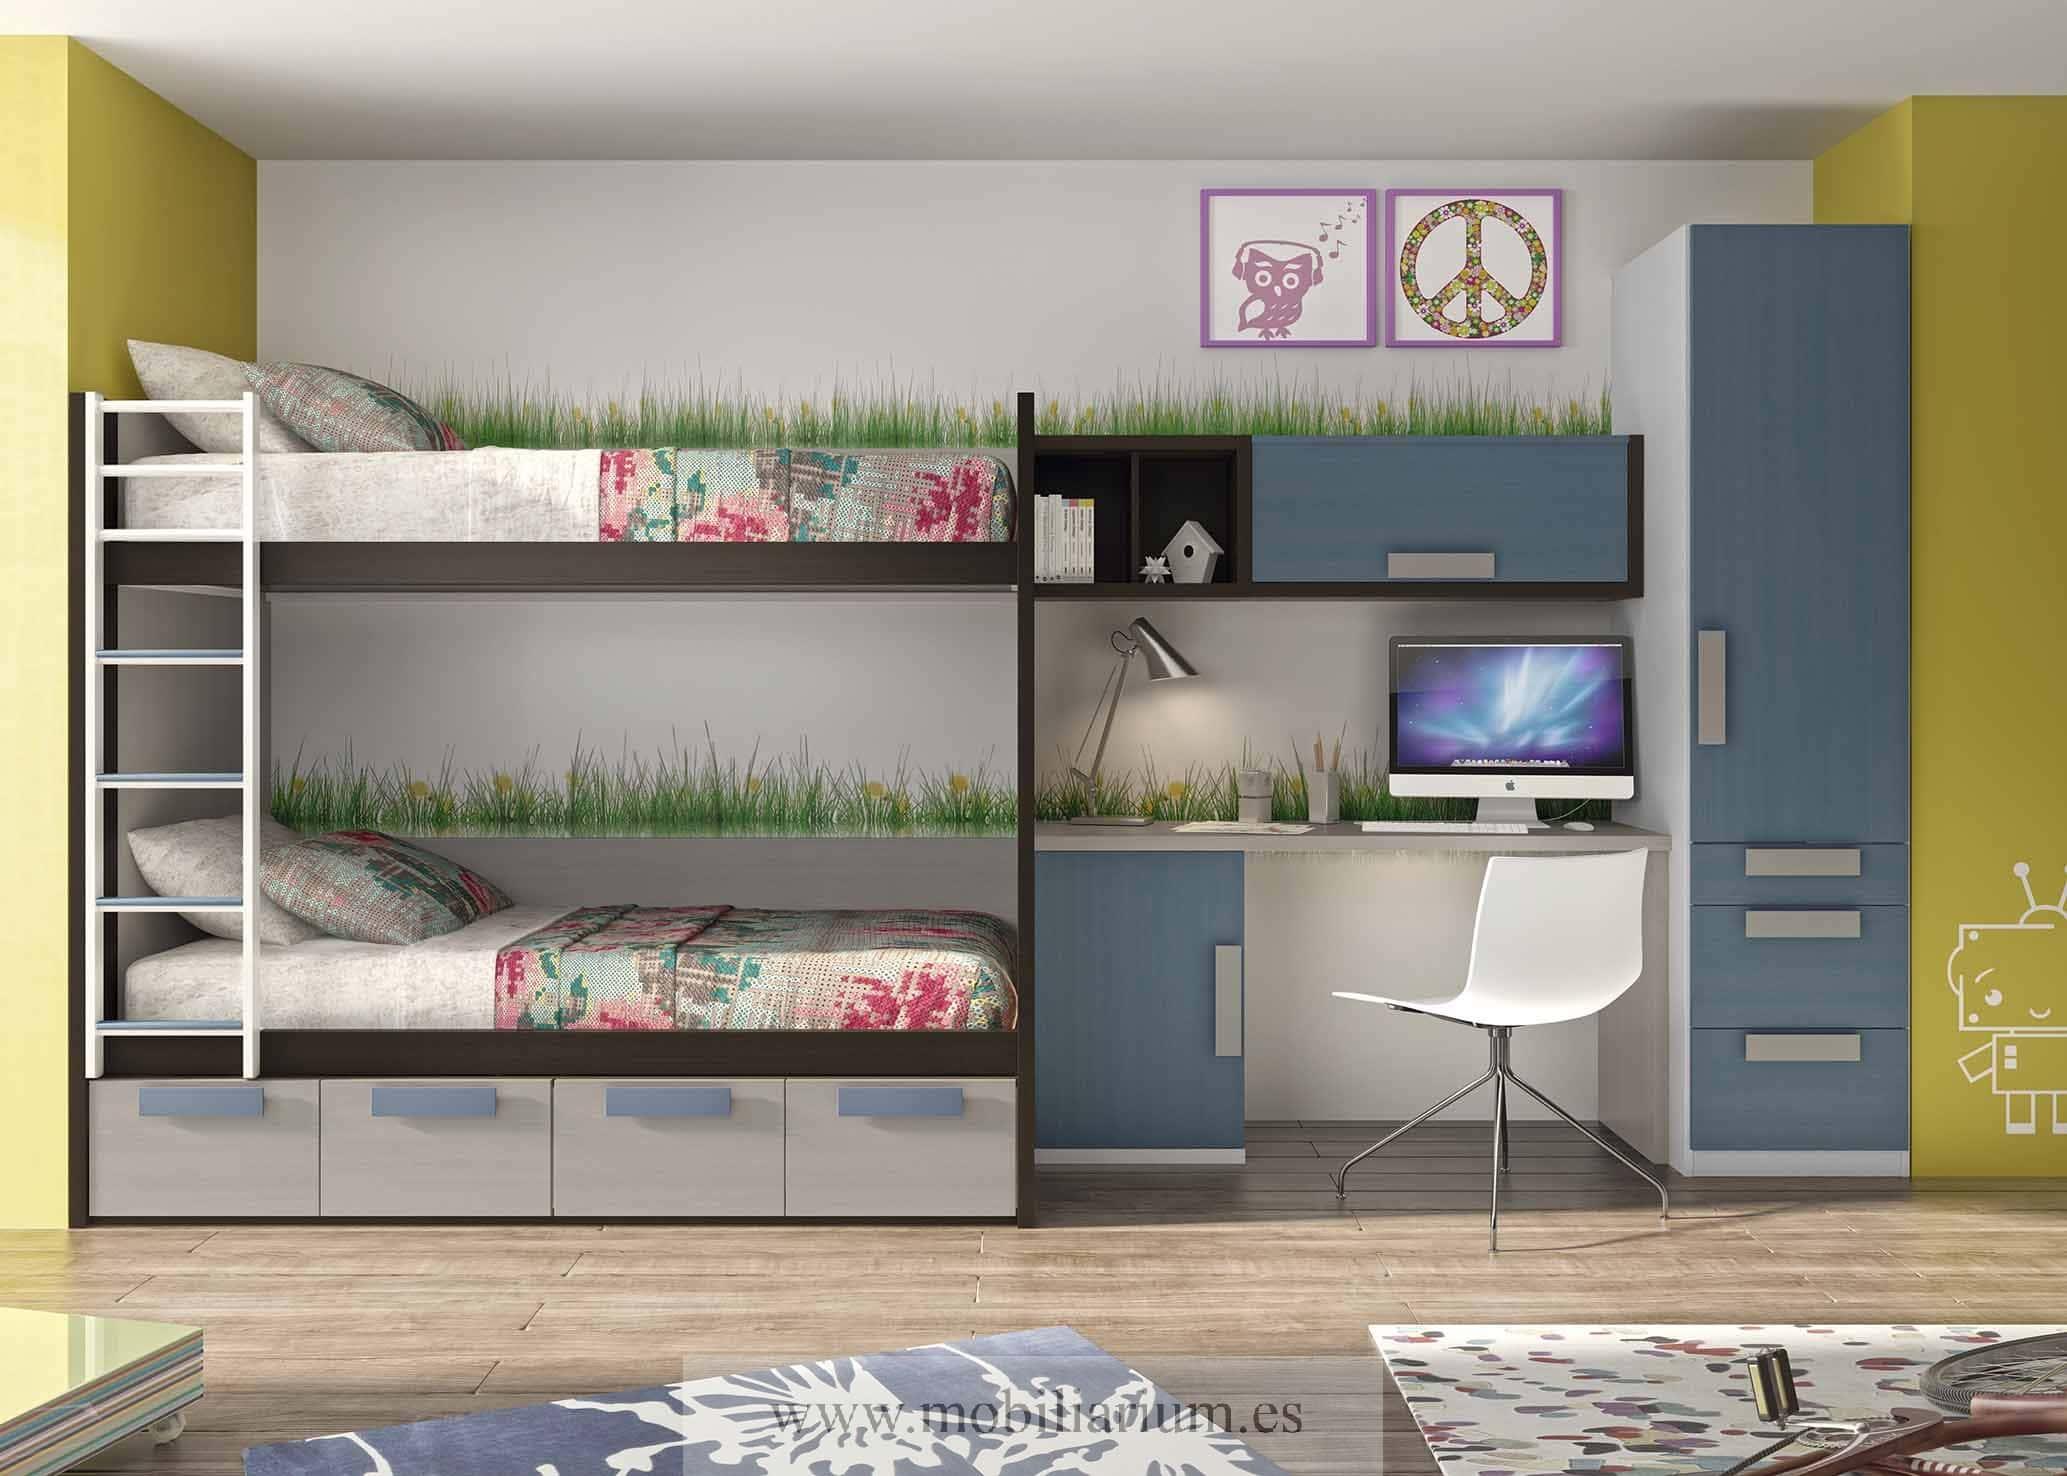 Dormitorios juveniles creativainteriorismoyreformas - Dormitorios juveniles ninos fotos ...